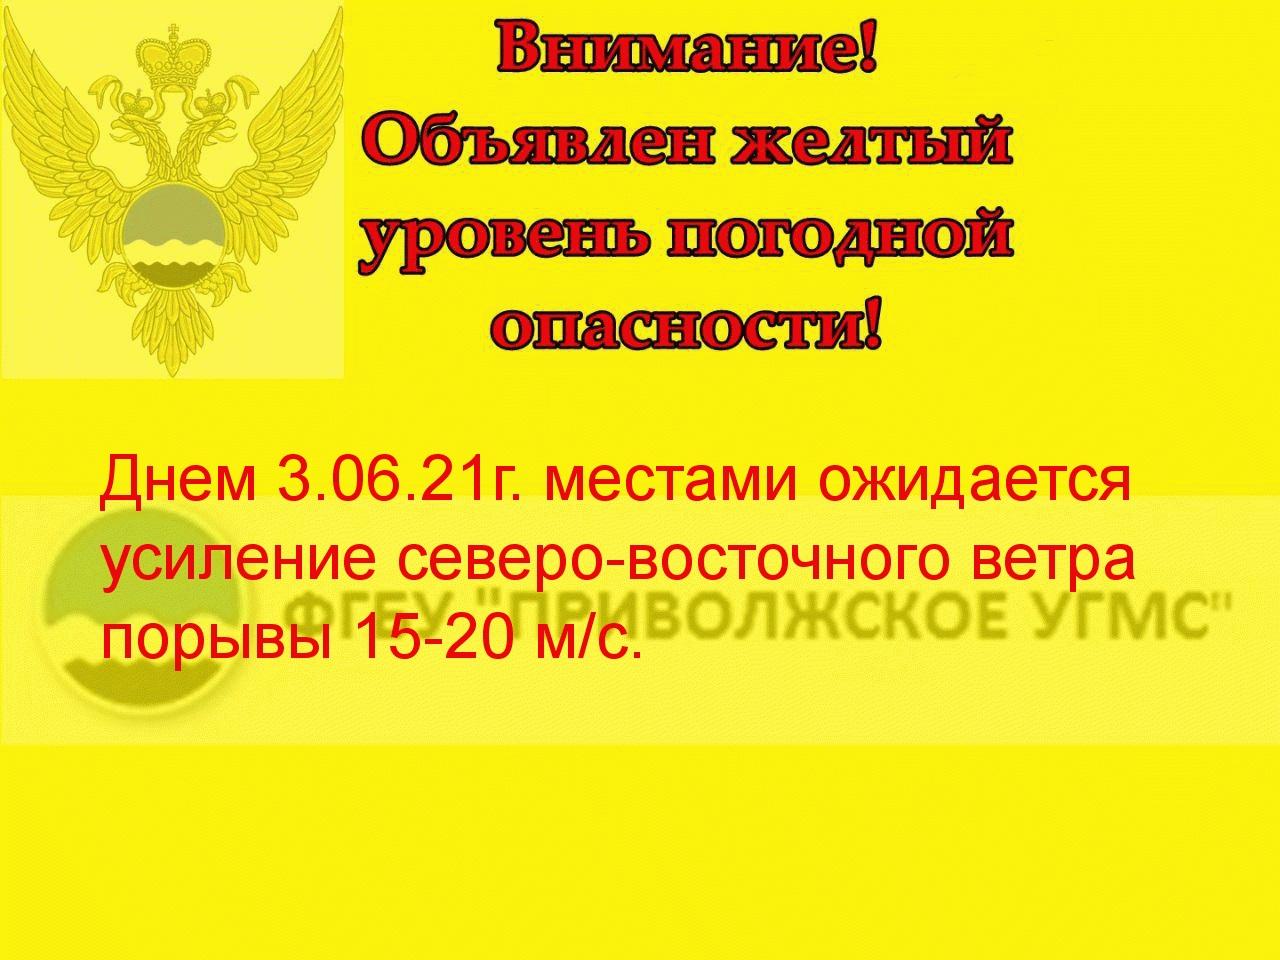 В Самарской области 3 июня ожидается шквалистый ветер с порывами до 20 метров в секунду